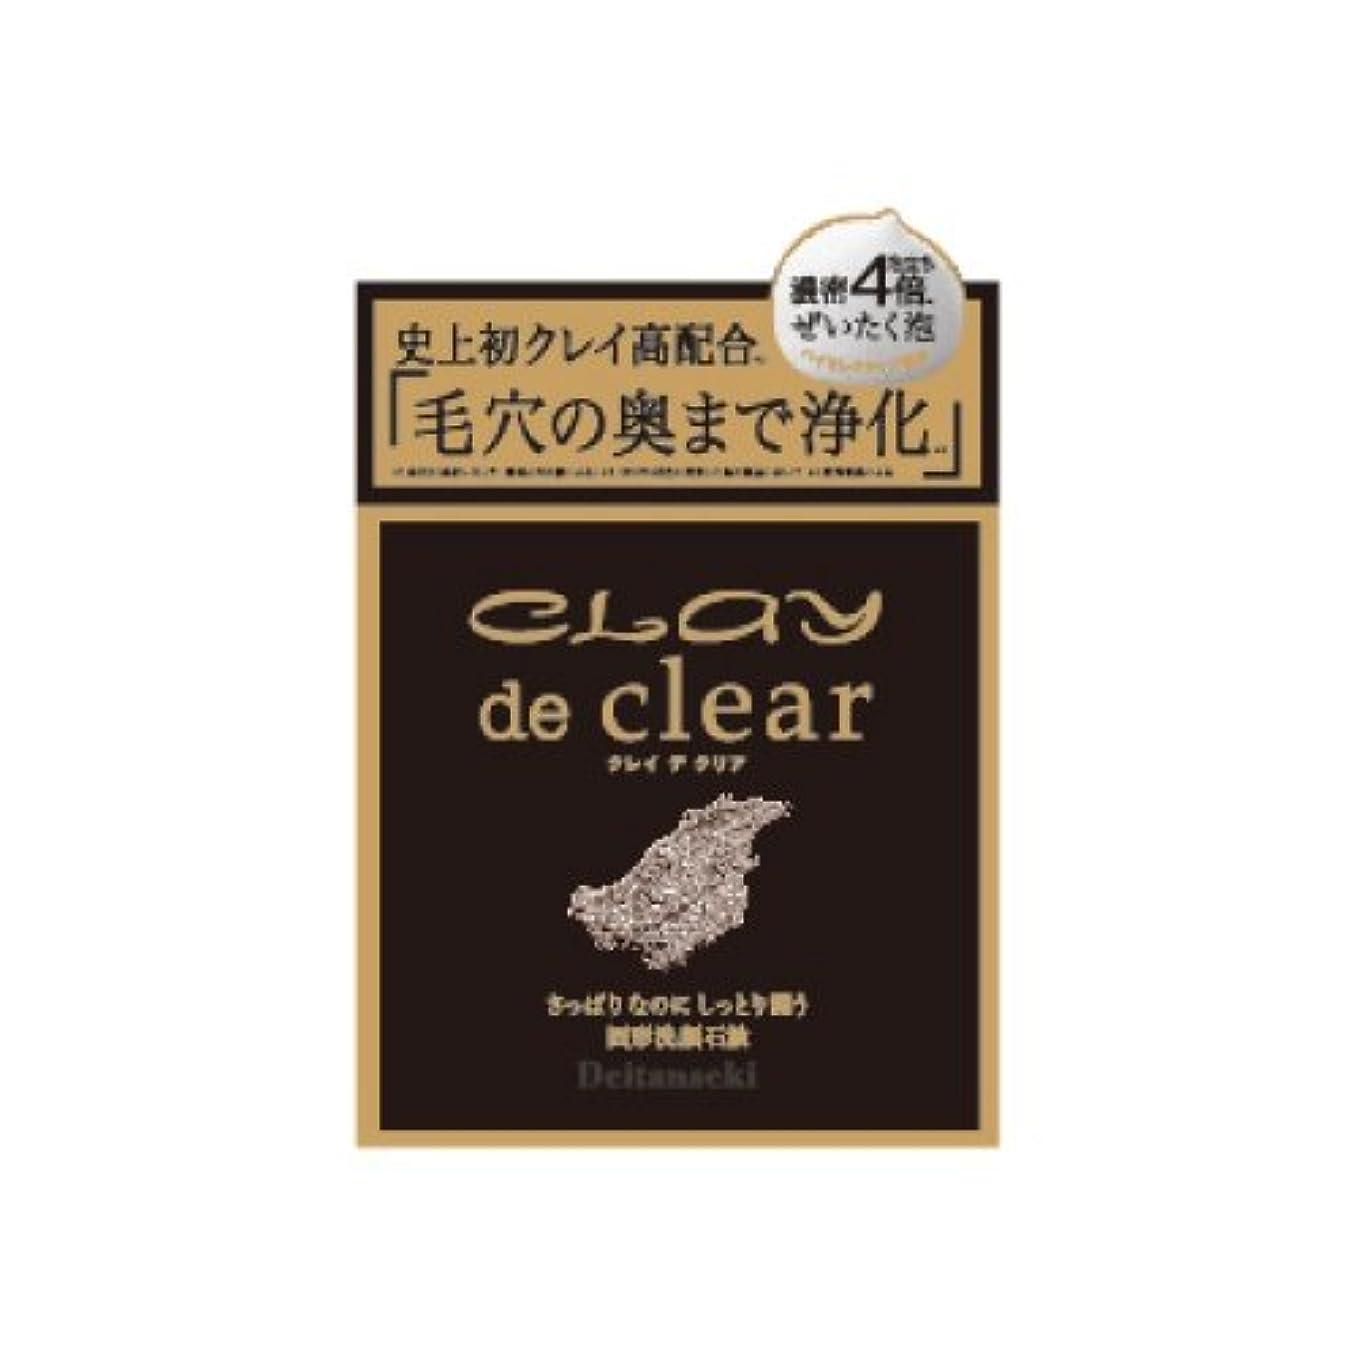 コンソール粉砕する寝室を掃除するペリカン石鹸 クレイ デ クリア フェイシャルソープ 80g